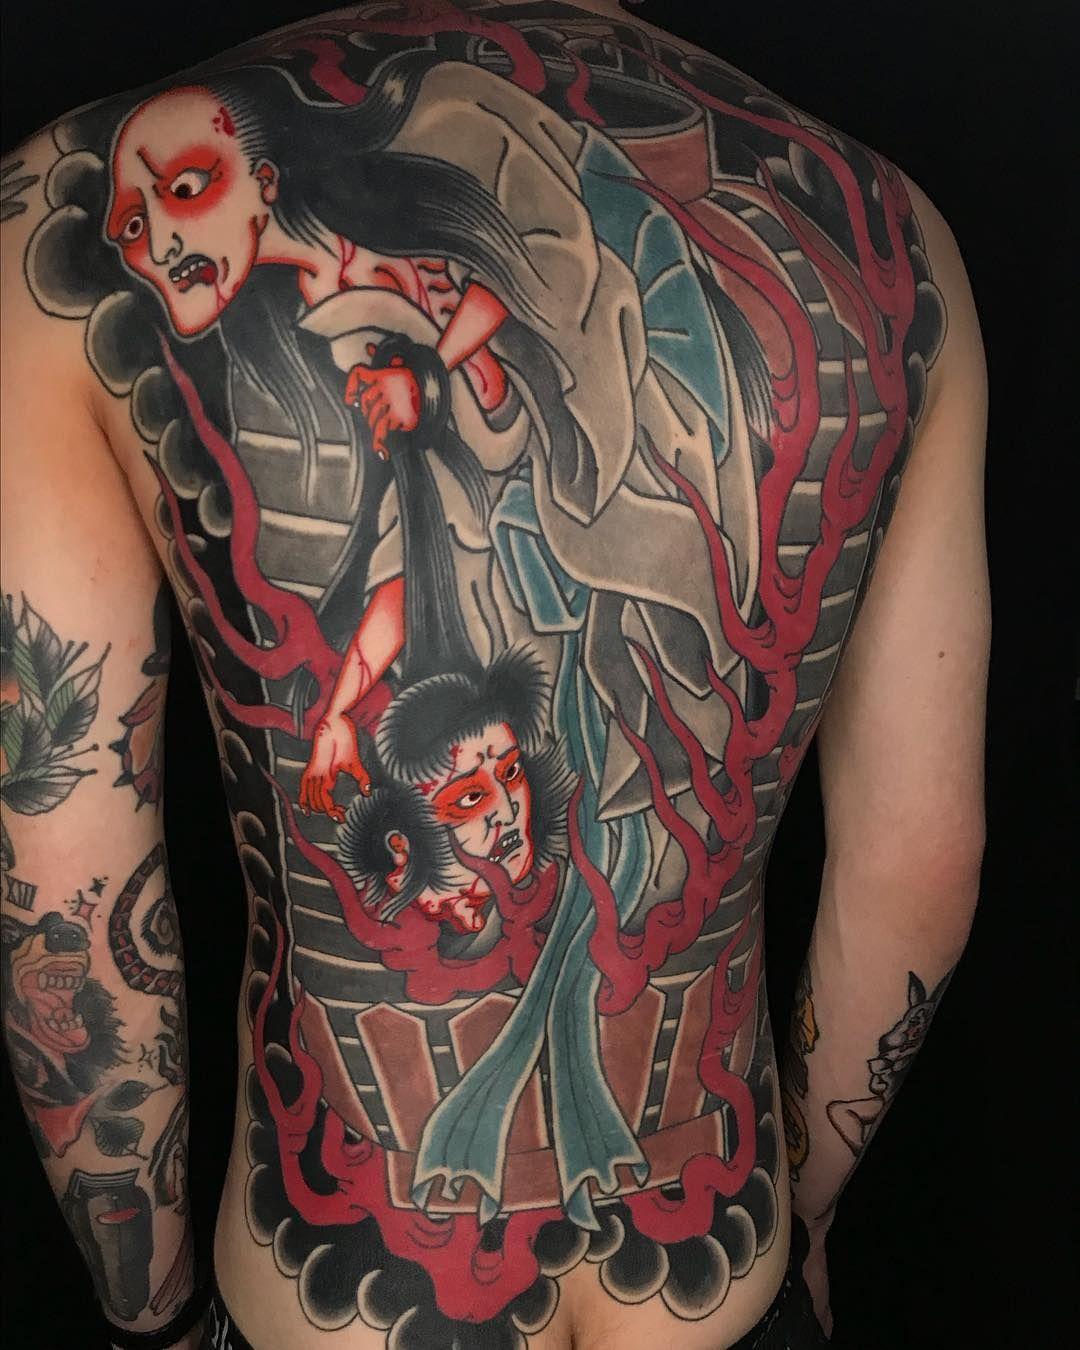 Monster back tattoo by jarrad serafino jserafino to book